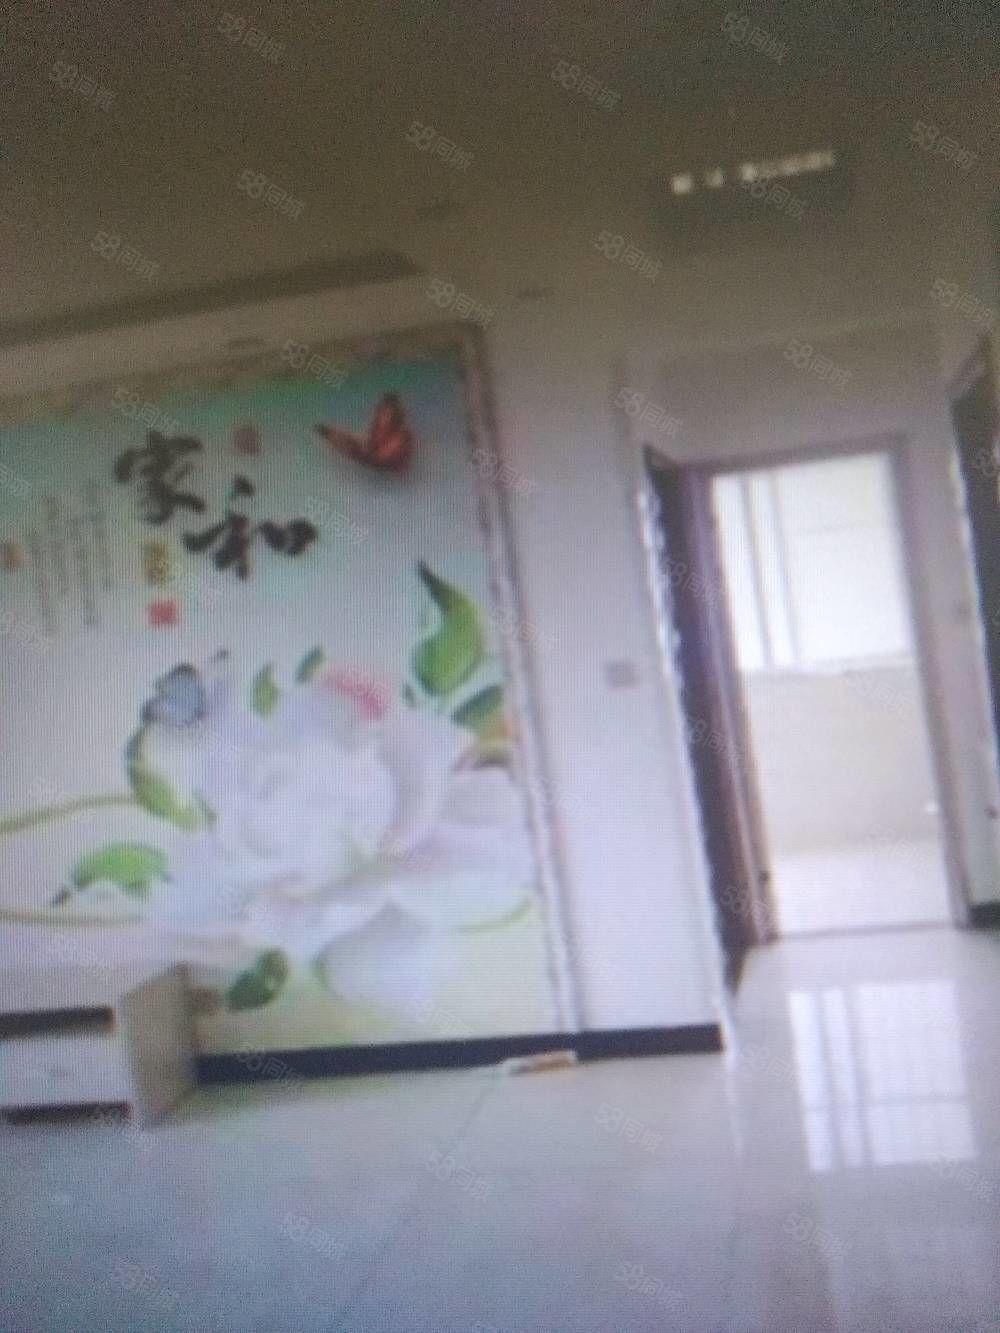 美郦山三室两厅两卫,地段繁华,干净卫生,拎包入住